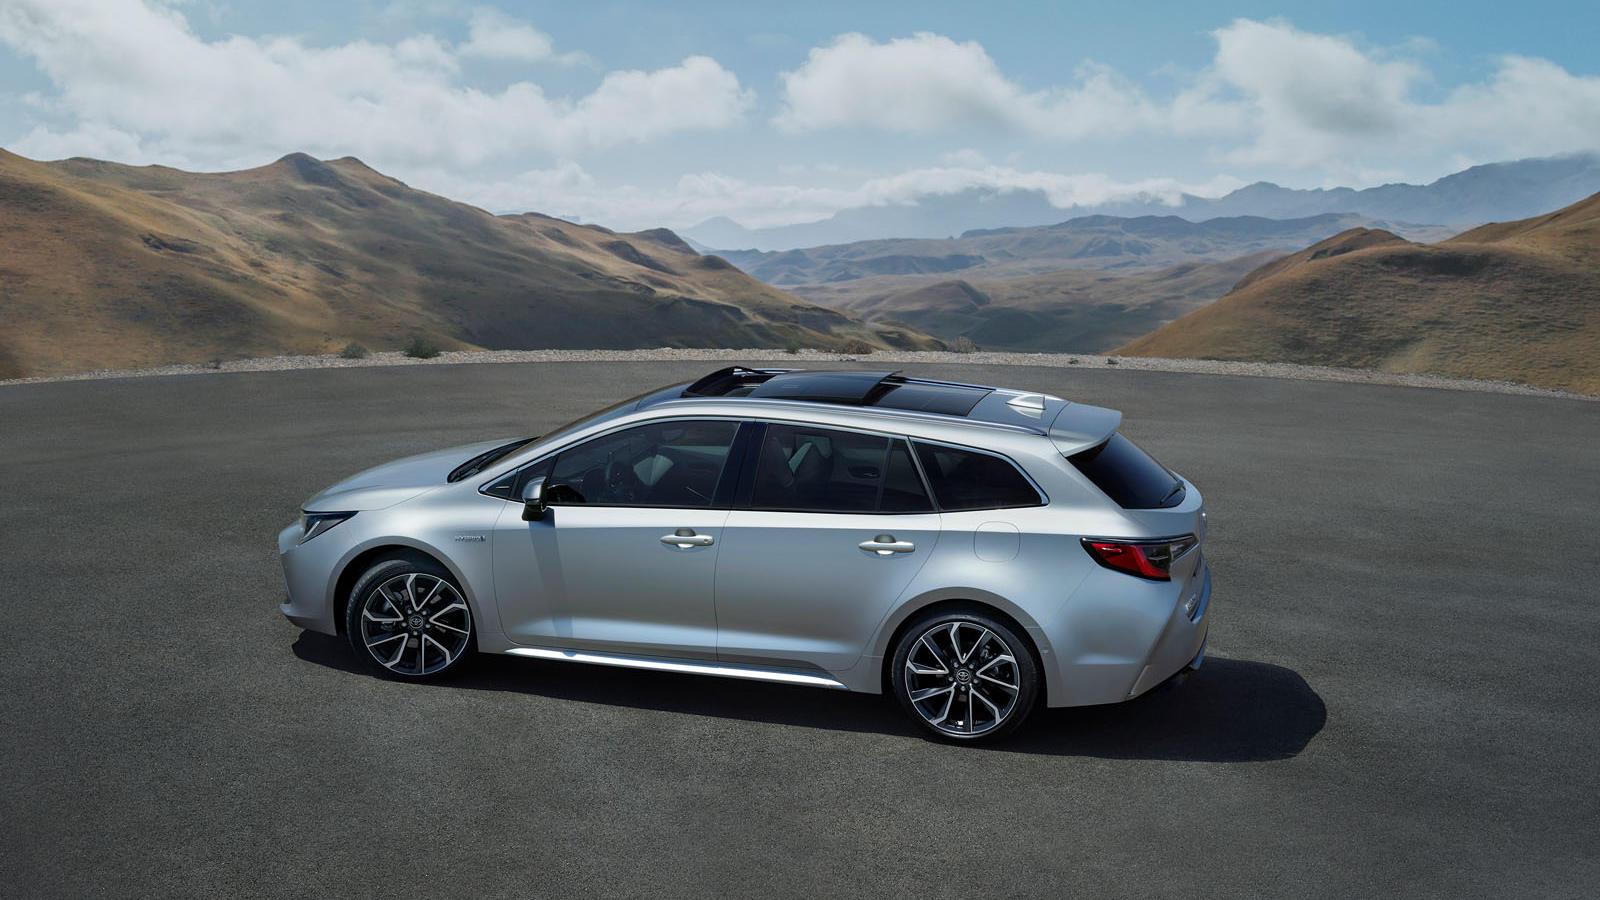 Der Touring Sports genannte Kombi streckt sich mit über 4,65 Metern Gesamtlänge schon Richtung BMW 3er-Dimensionen.